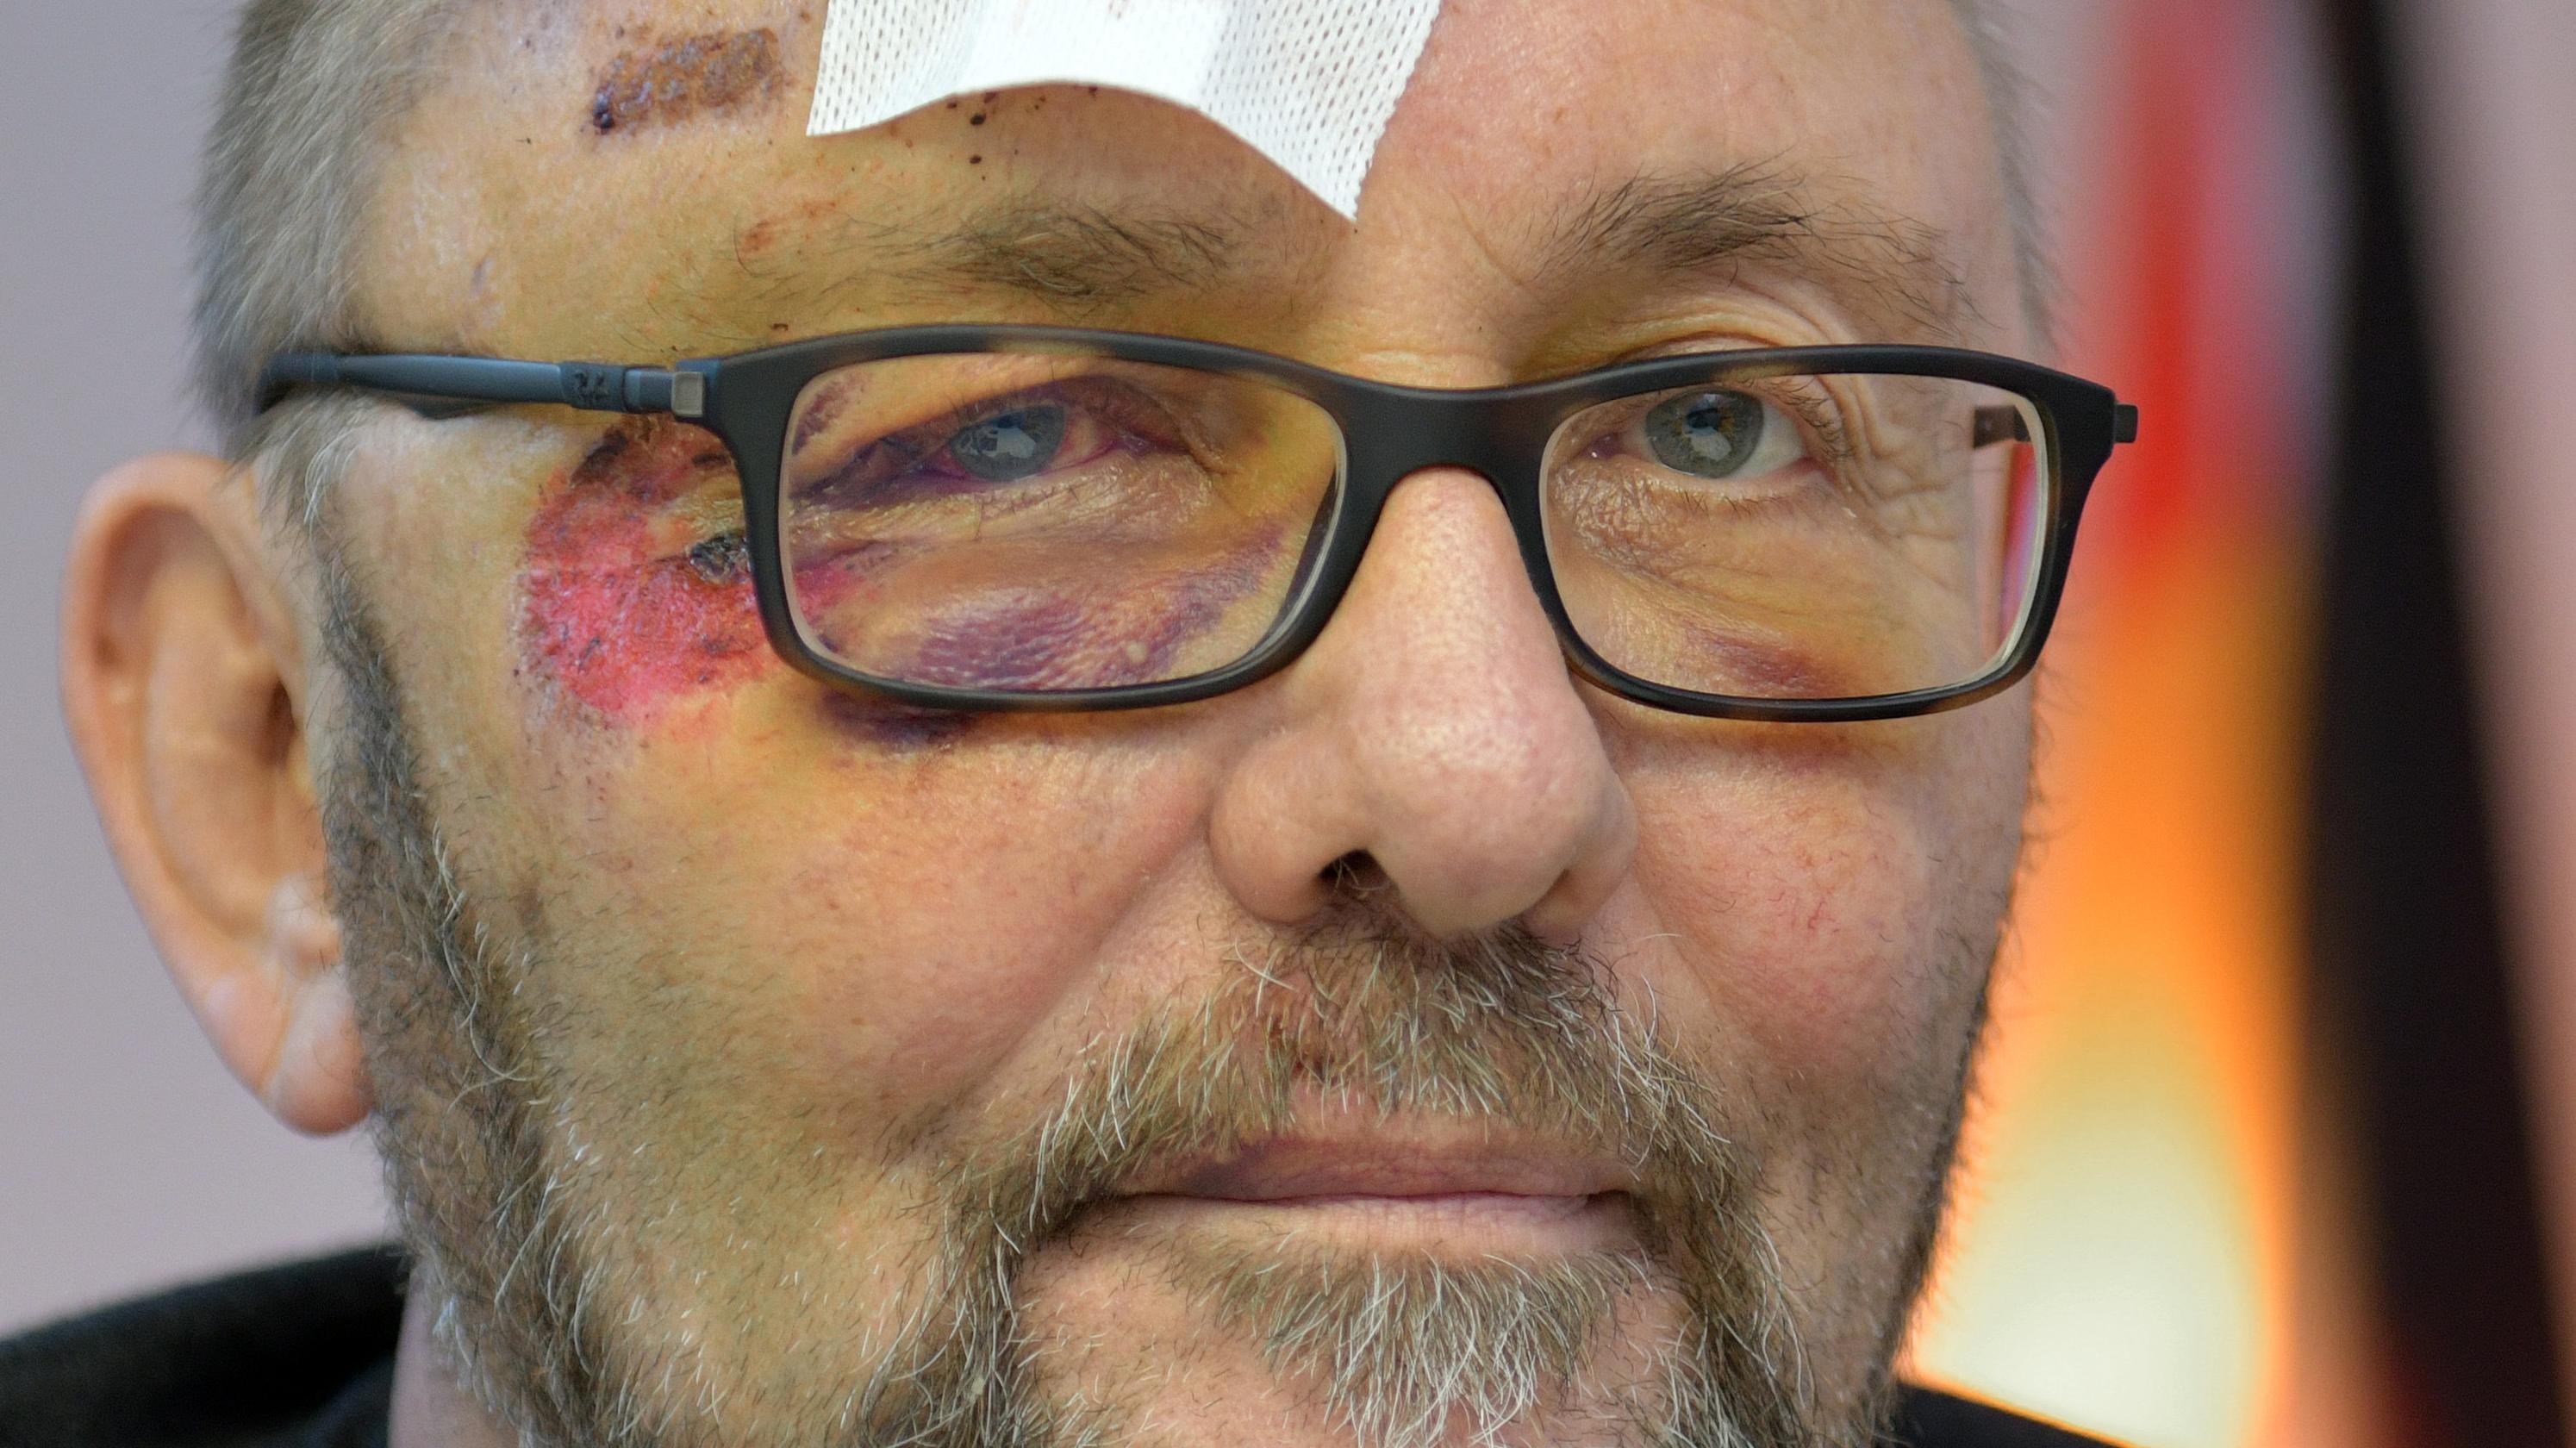 11.01.2019, Bremen: Frank Magnitz, Landesvorsitzender der AfD Bremen, sitzt im Bremer AfD-Büro.